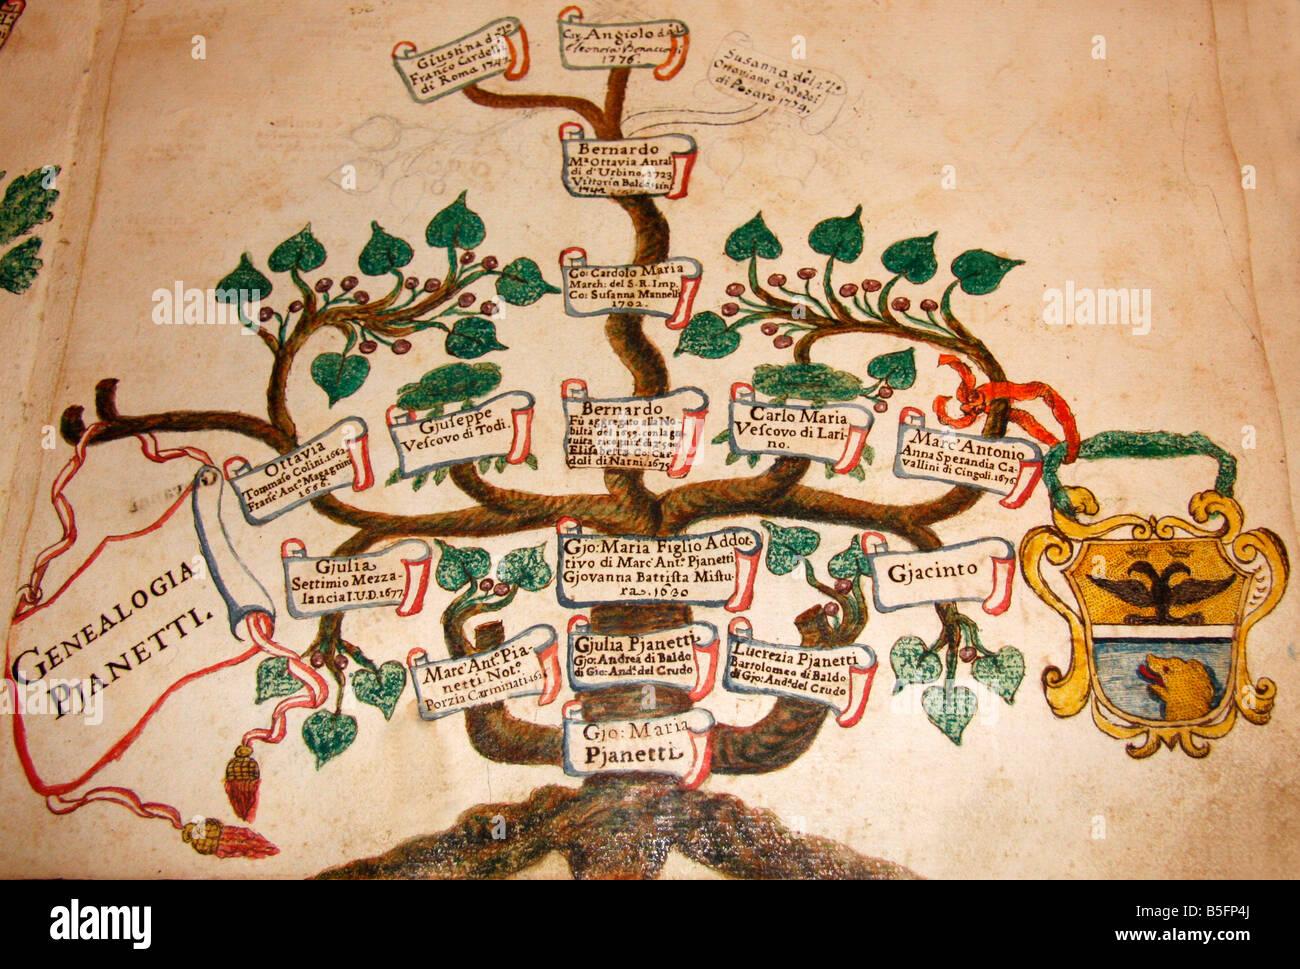 Nella famosa biblioteca storica di Jesi,Le Marche,l'Italia, l'albero genealogico della famiglia Pianetti Immagini Stock